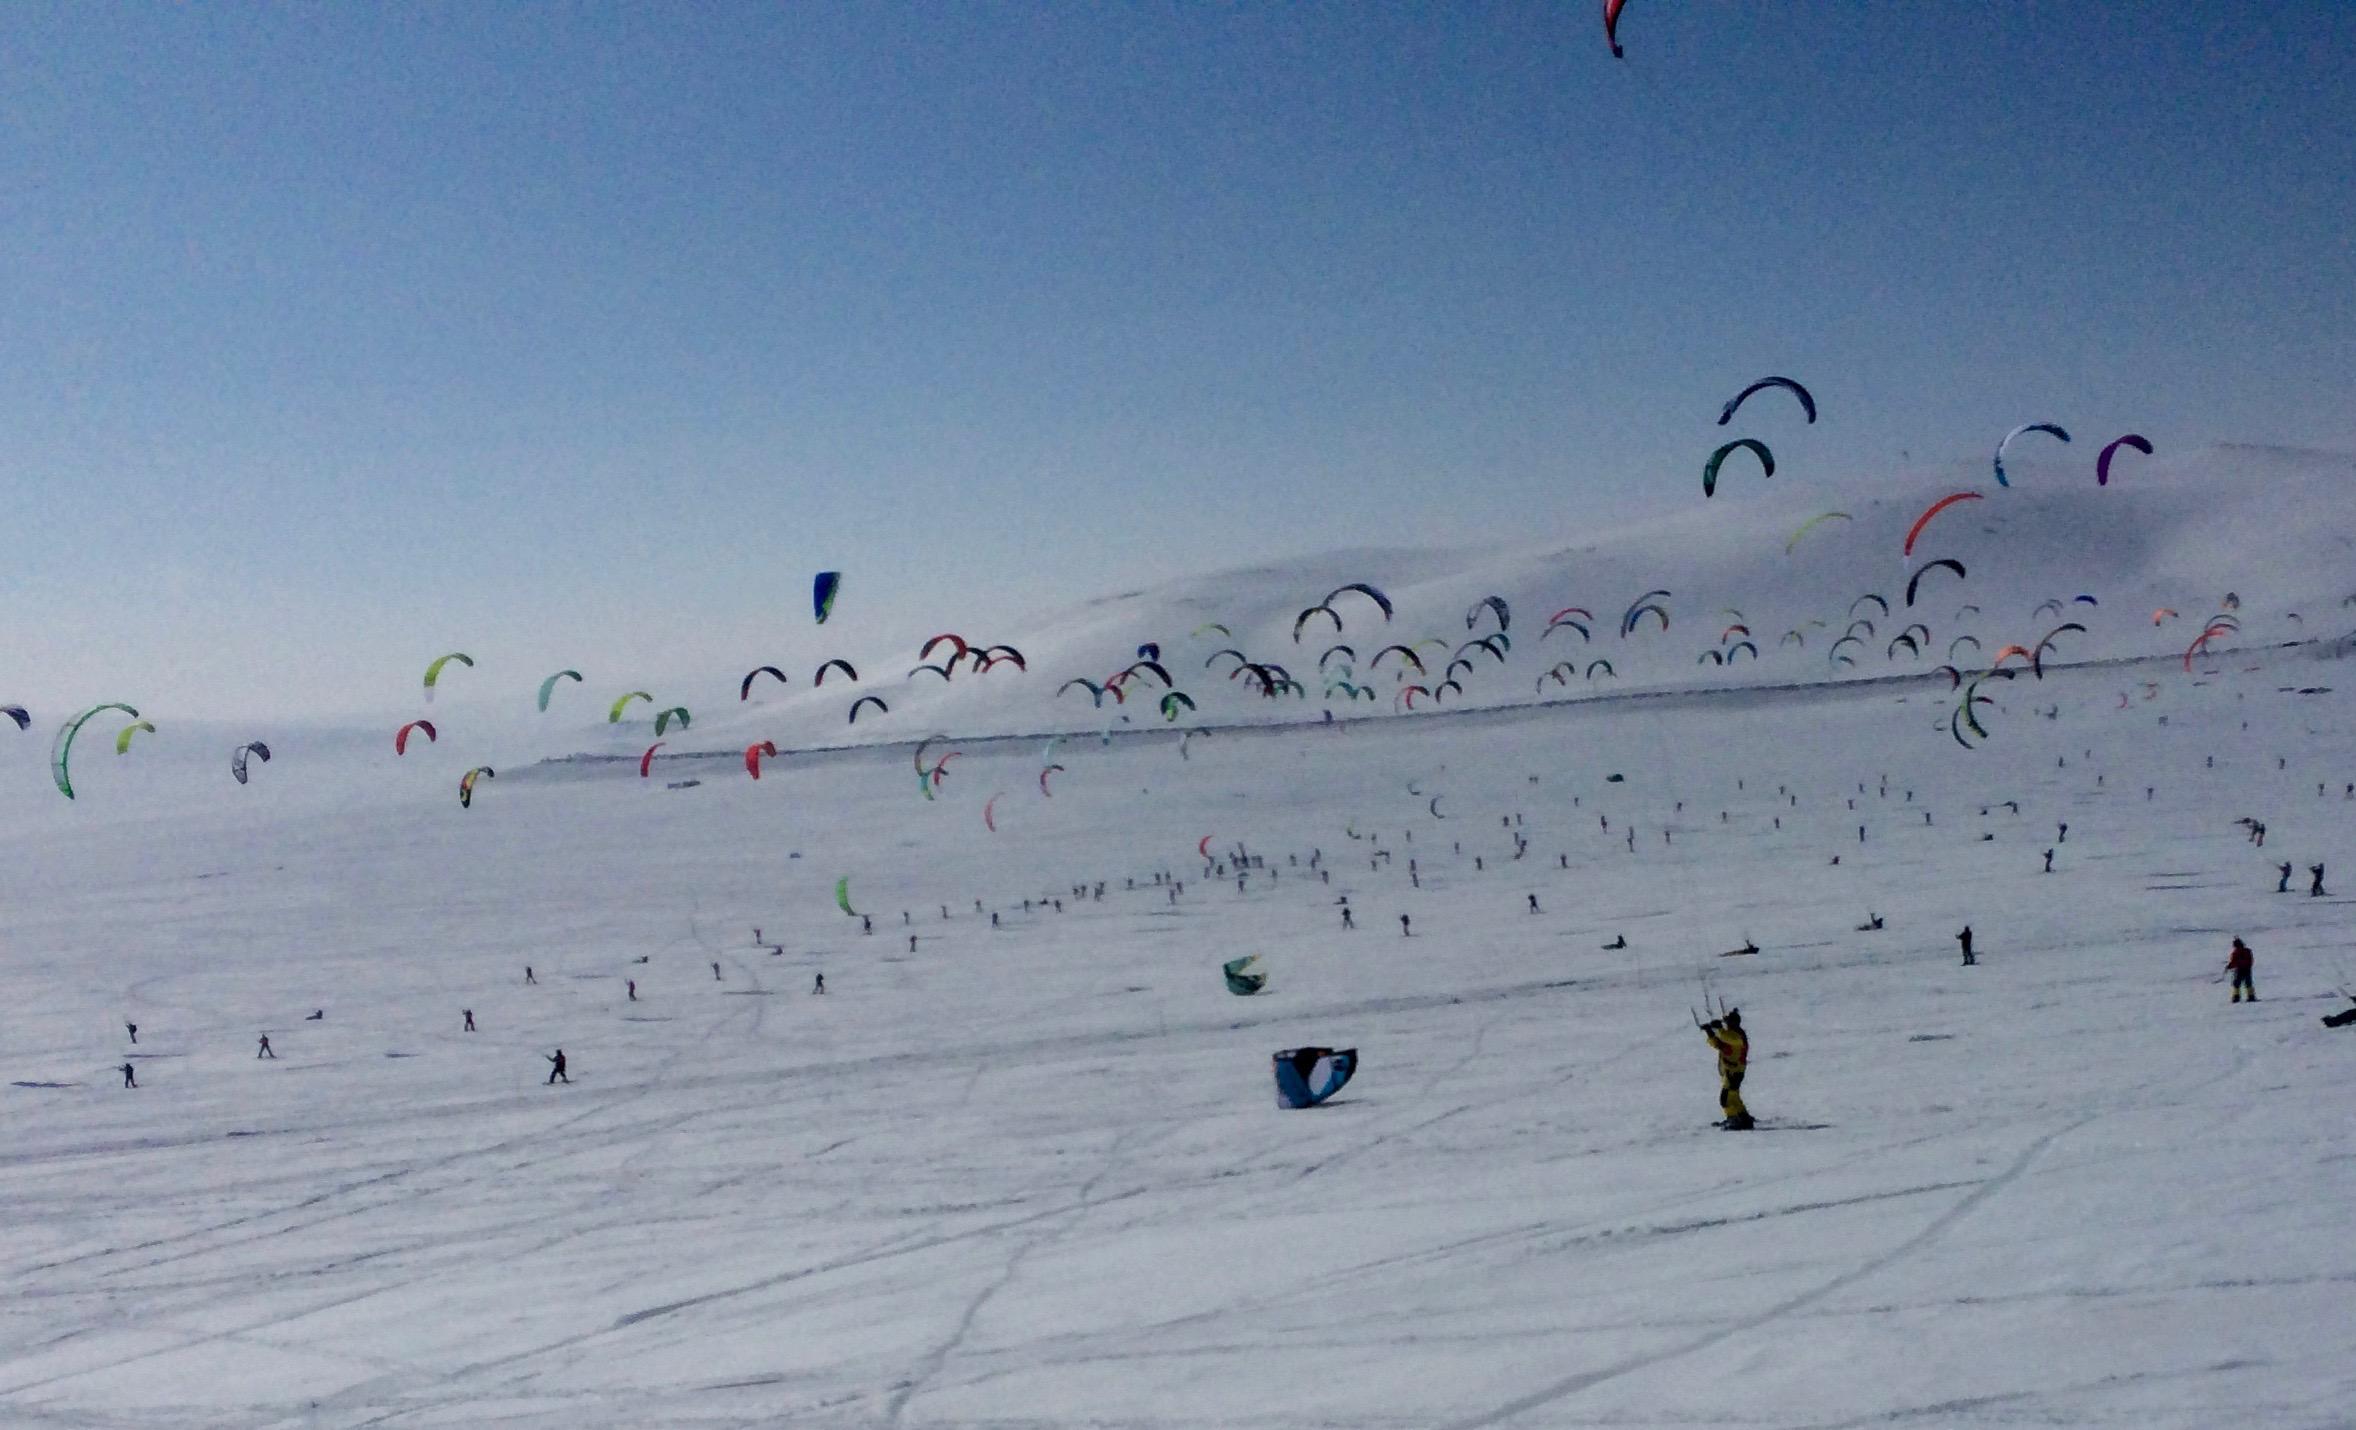 Snowkite Norway